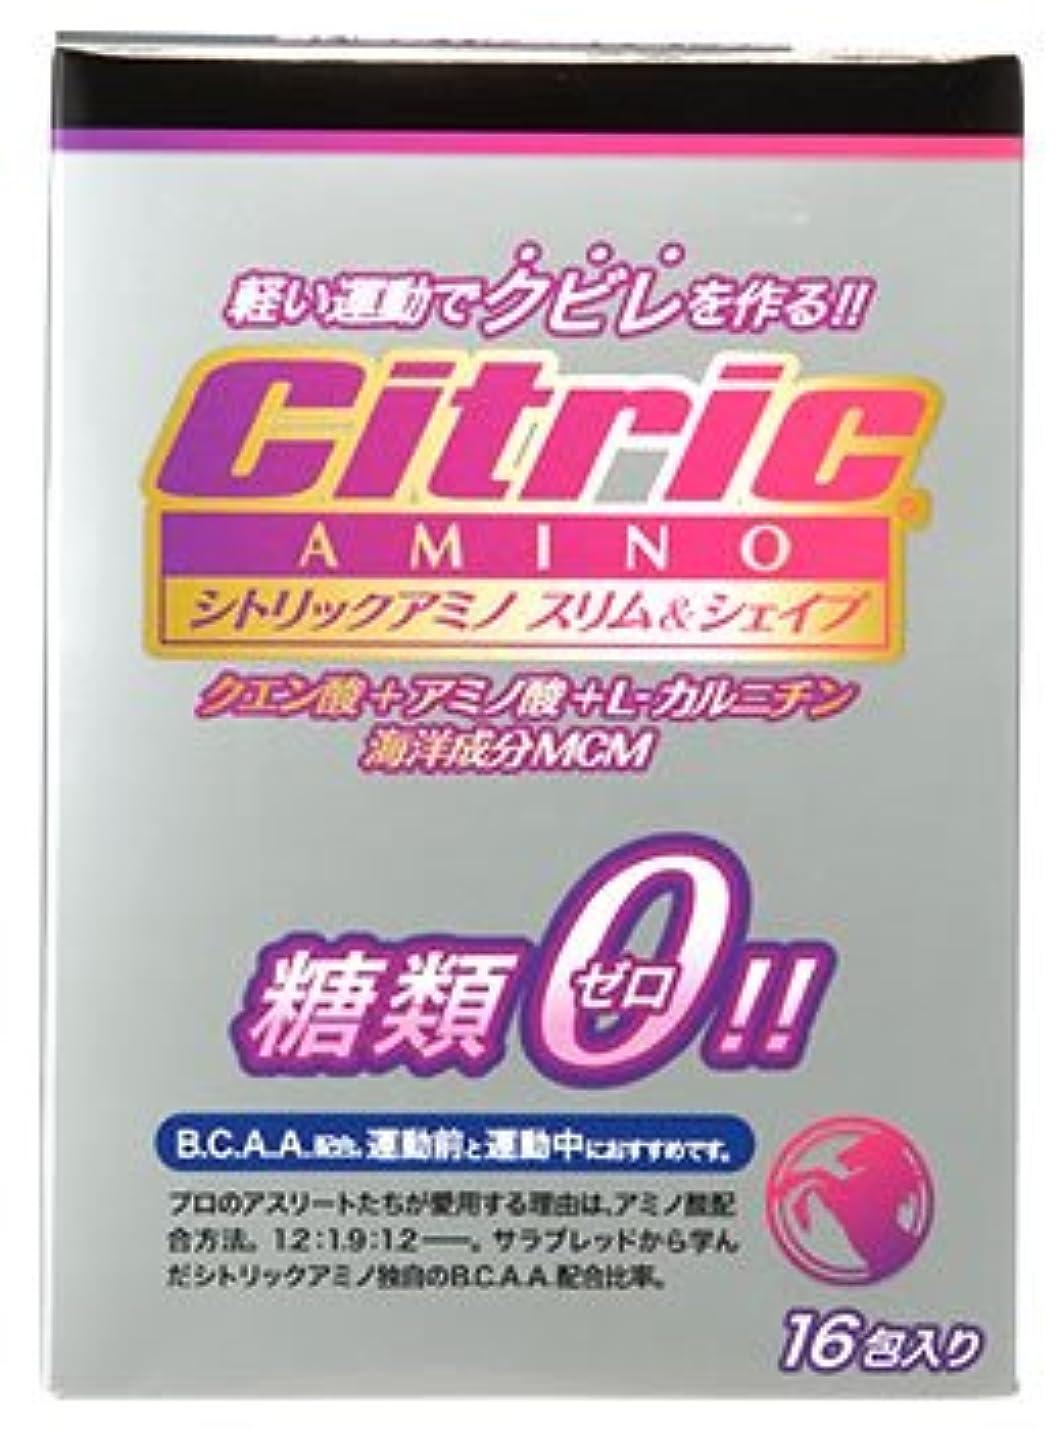 嬉しいですホップ政令メダリスト?ジャパン シトリックアミノ スリム&シェイプ ベーシックJP (6g×16包入) クエン酸 アミノ酸 糖類ゼロ